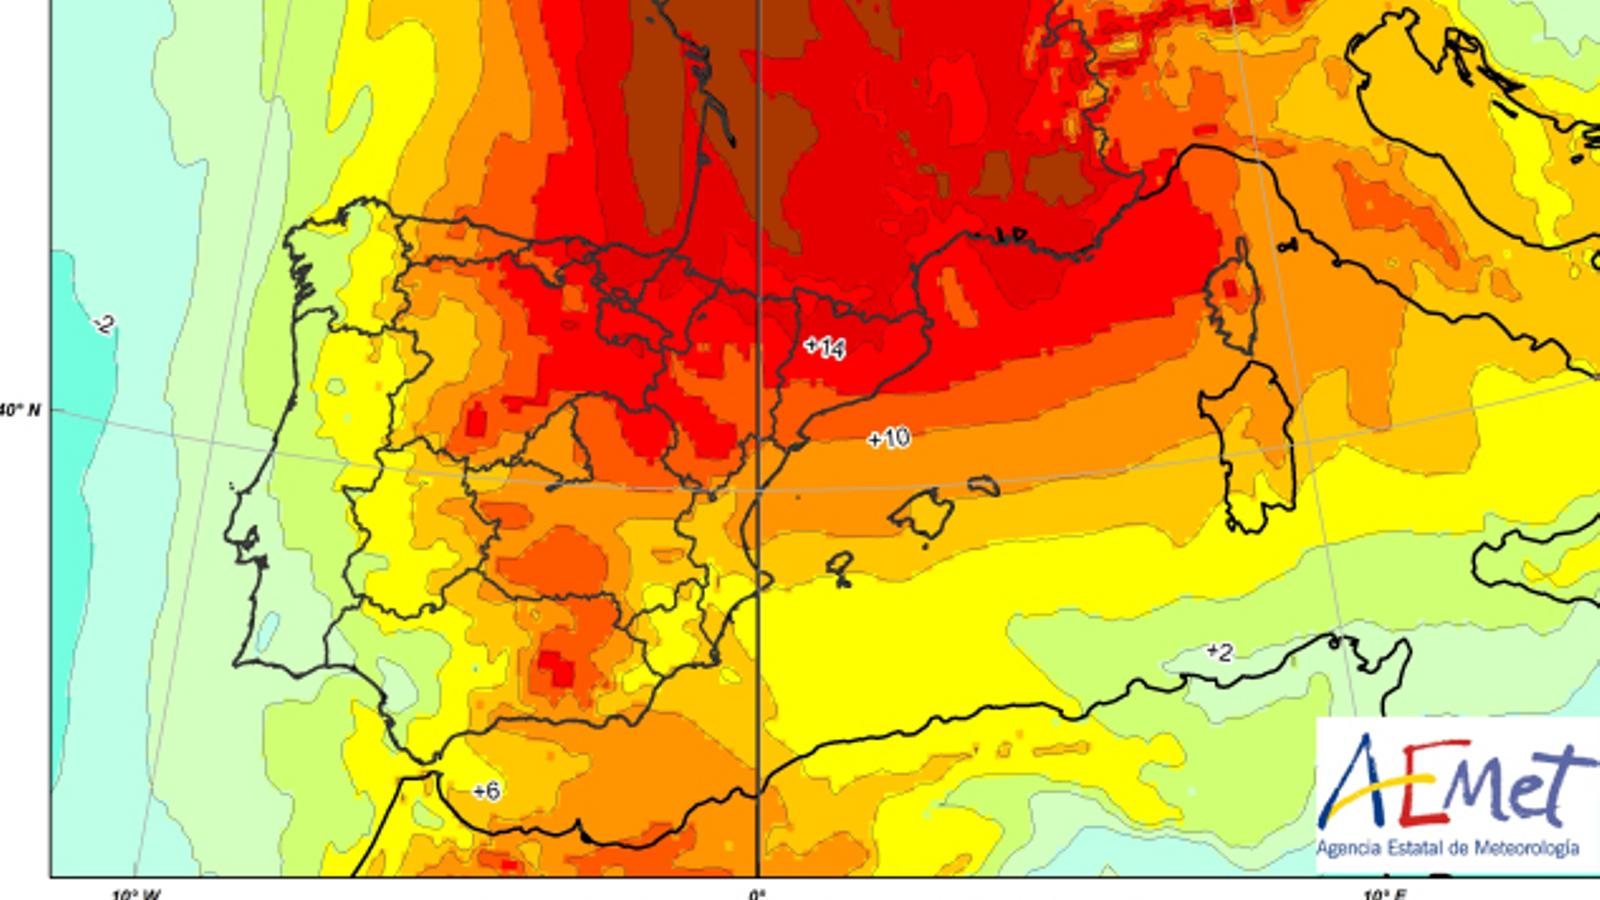 Les onades de calor al juny són deu vegades més probables que fa 30 anys